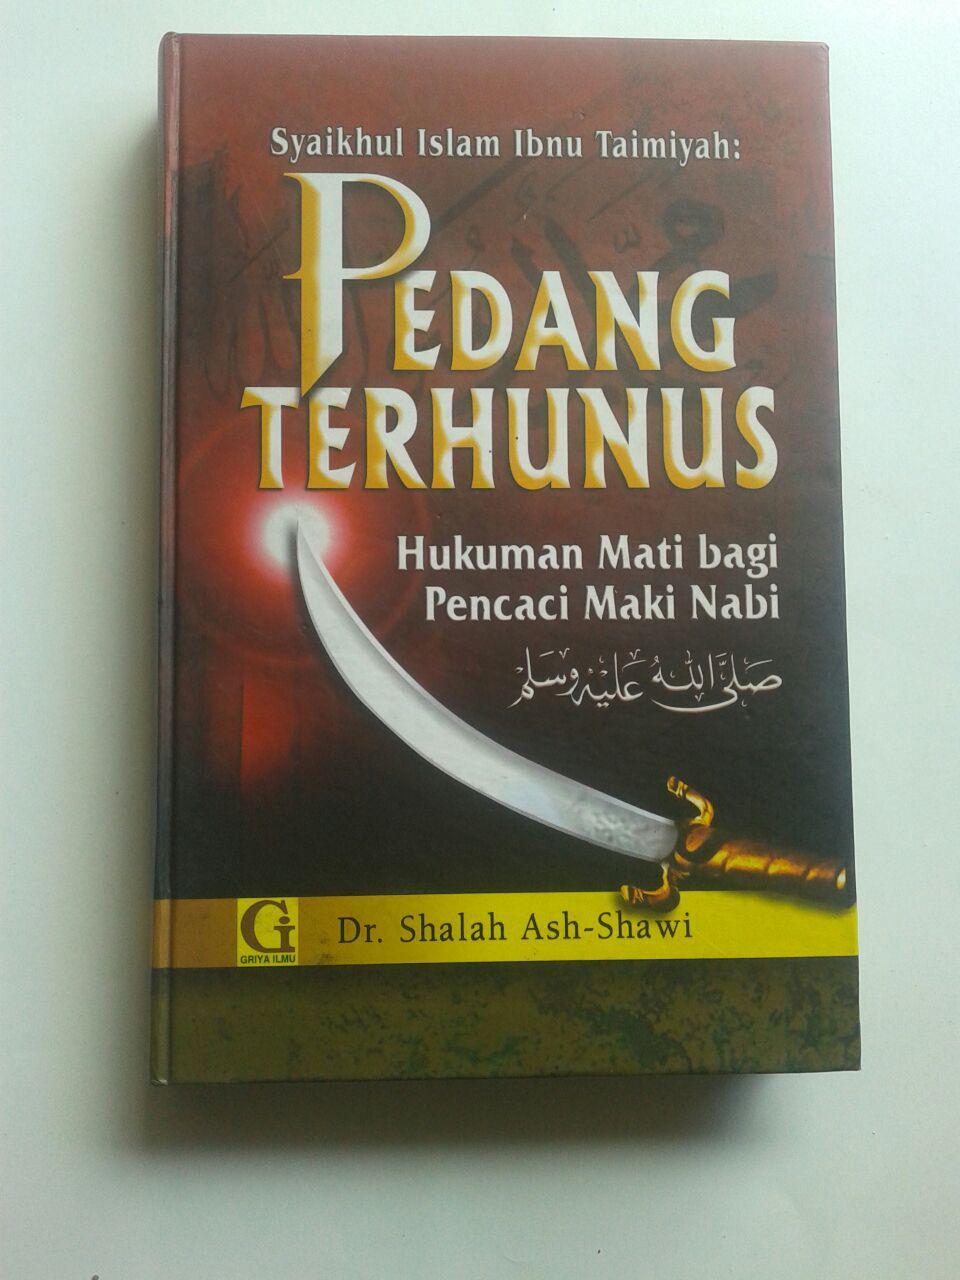 Buku Pedang Terhunus Hukuman Mati Bagi Pencaci Maki Nabi 85.000 20% 68.000 Griya Ilmu Syaikhul Islam Ibnu Taimiyyah cover 2